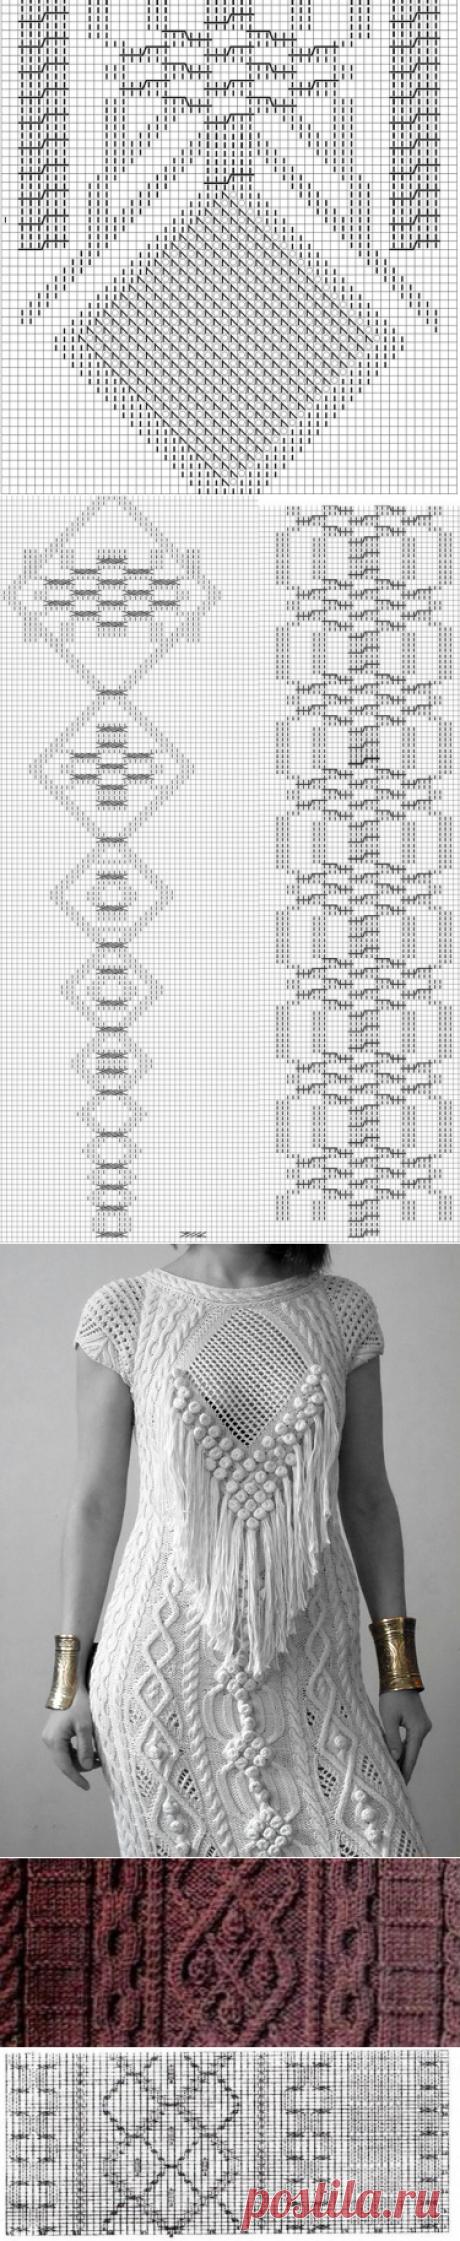 Длинное платье с аранами схемы. Дизайнерское вязаное платье спицами | Я Хозяйка